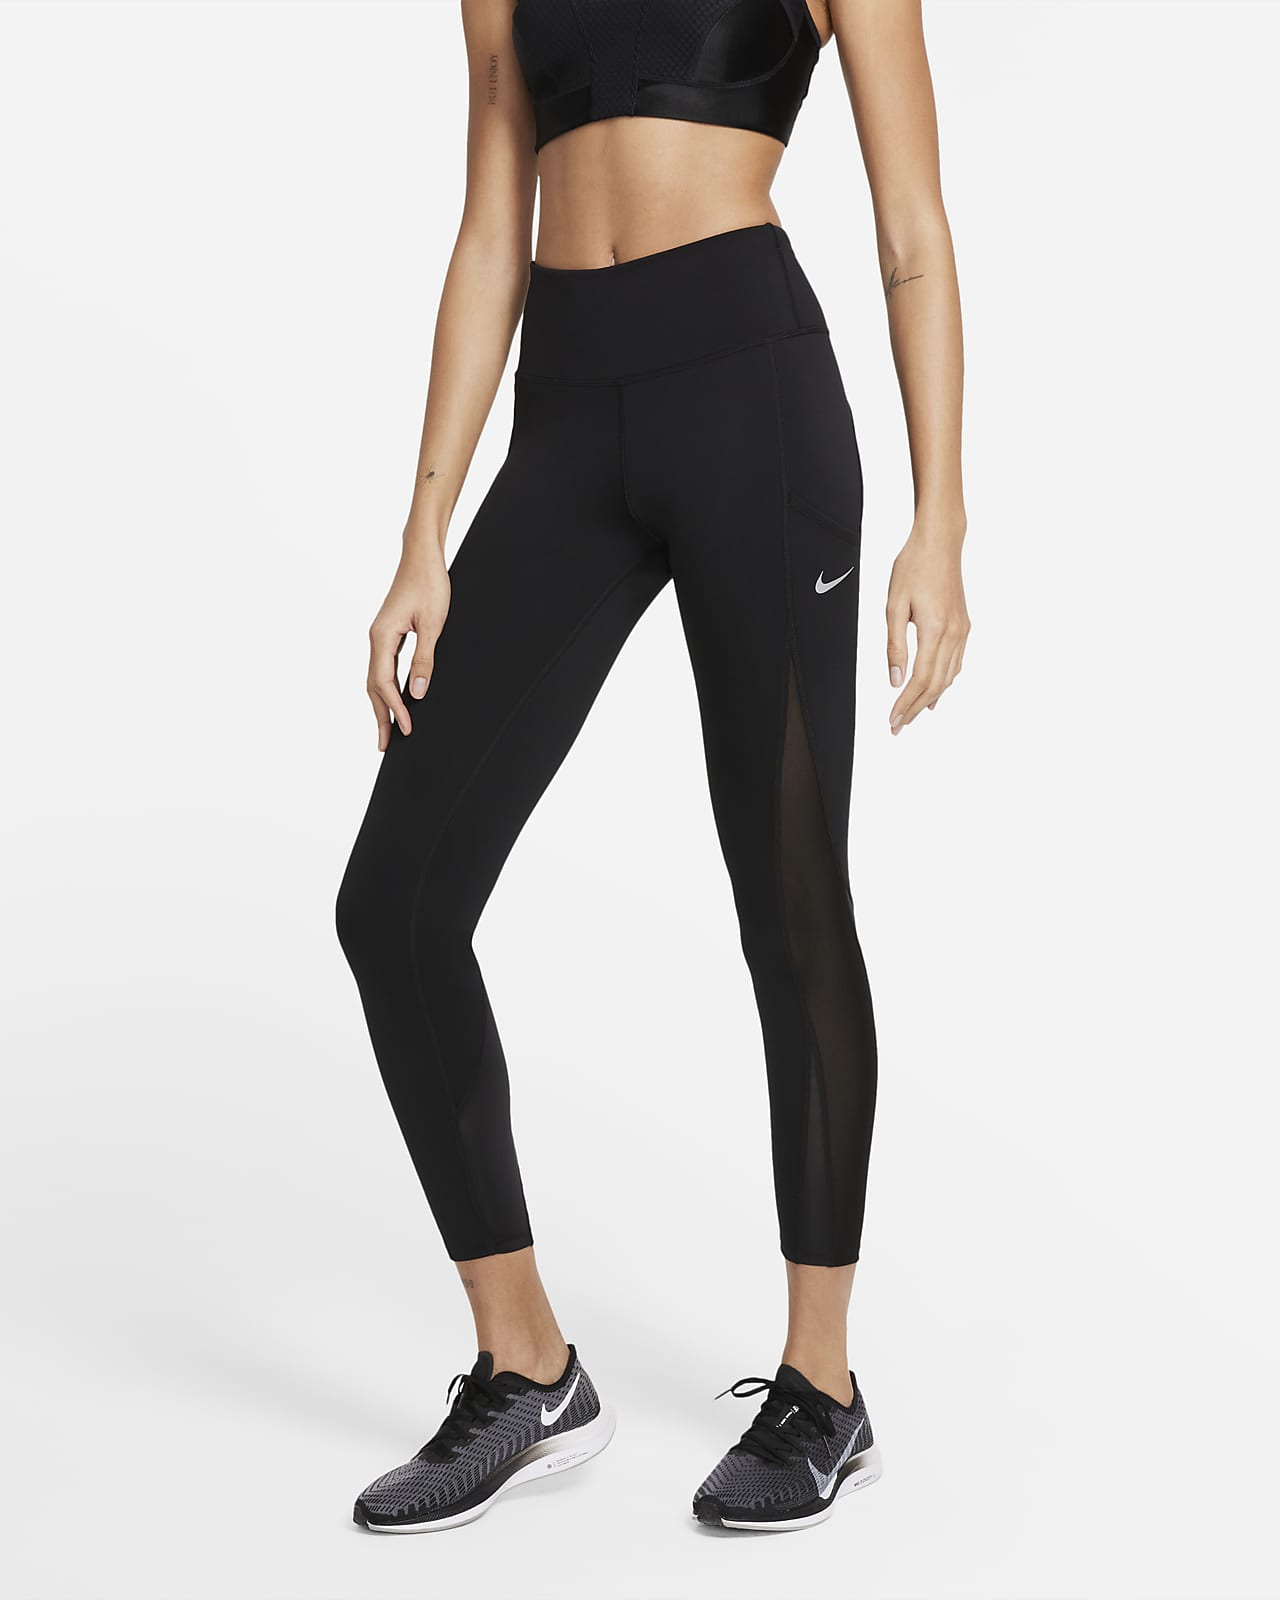 Damskie legginsy 7/8 ze średnim stanem do biegania Nike Epic Luxe Cool